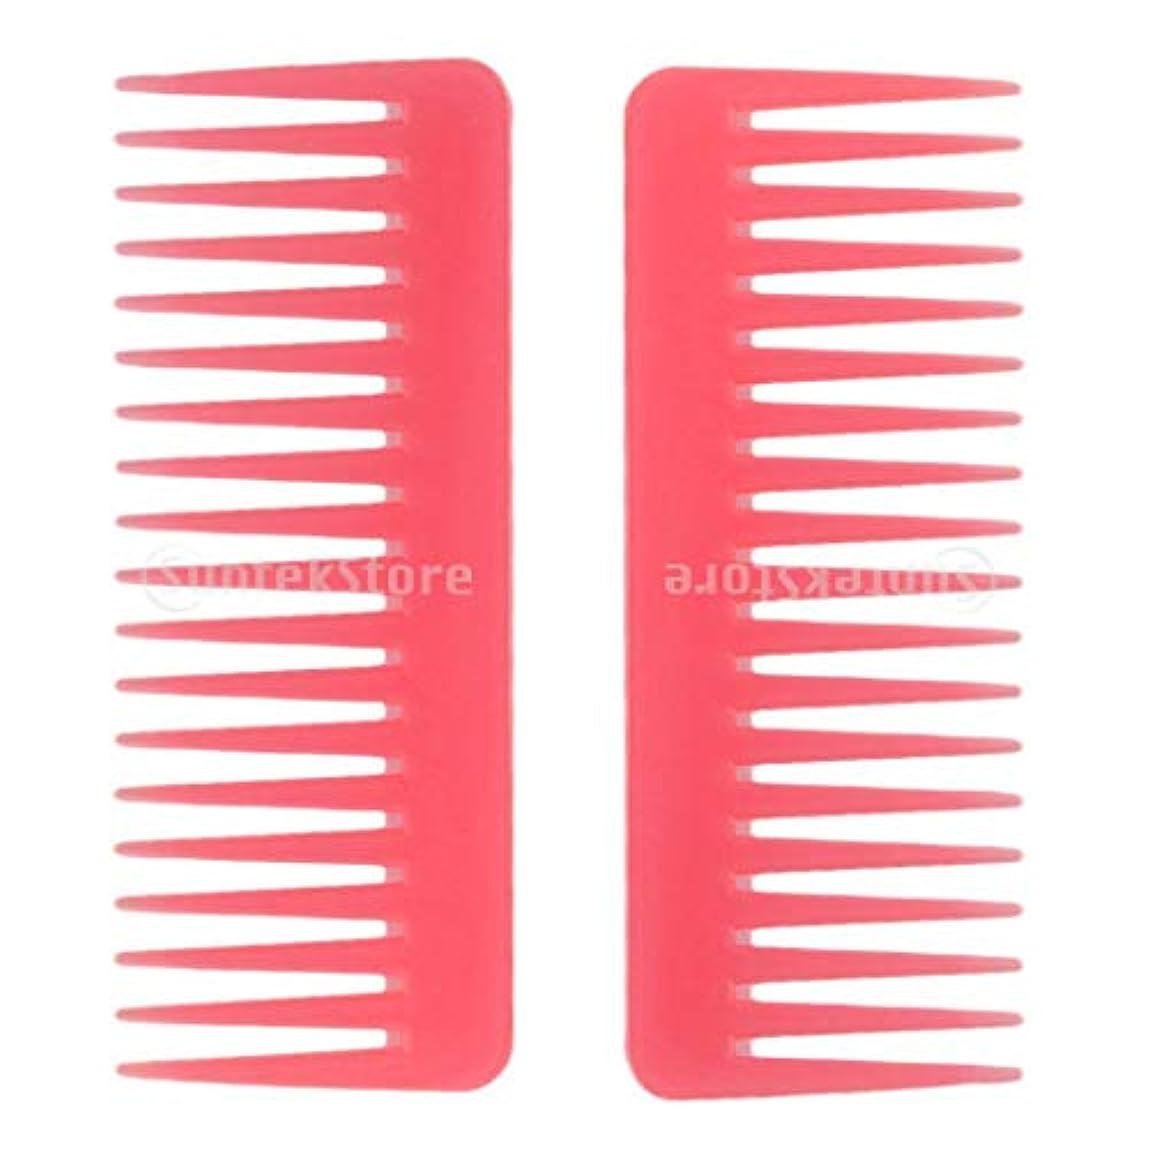 顕現噴火液体ヘアコーム 広い歯コーム 櫛 ヘアケア ヘアスタイリング用品 プラスチック 理髪店用品 2個入り